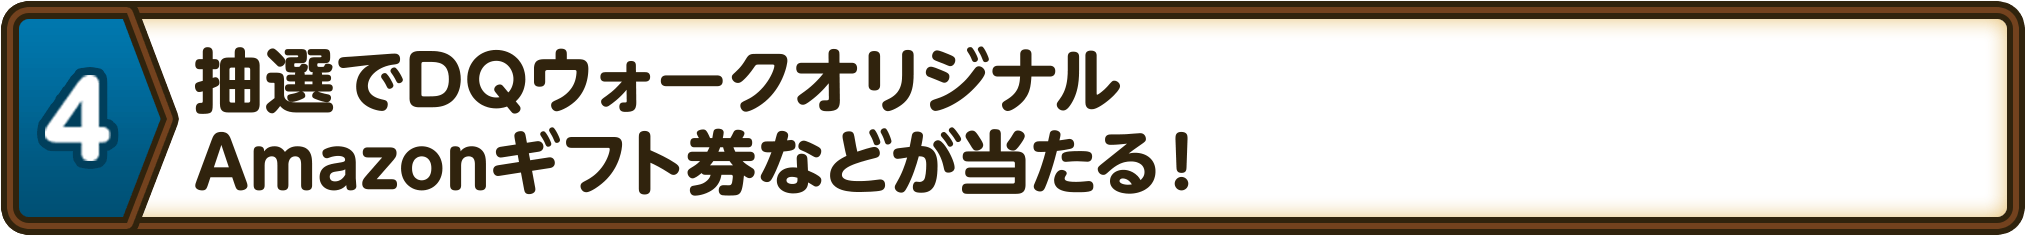 4.抽選でDQウォークオリジナルAmazonギフト券などが当たる!